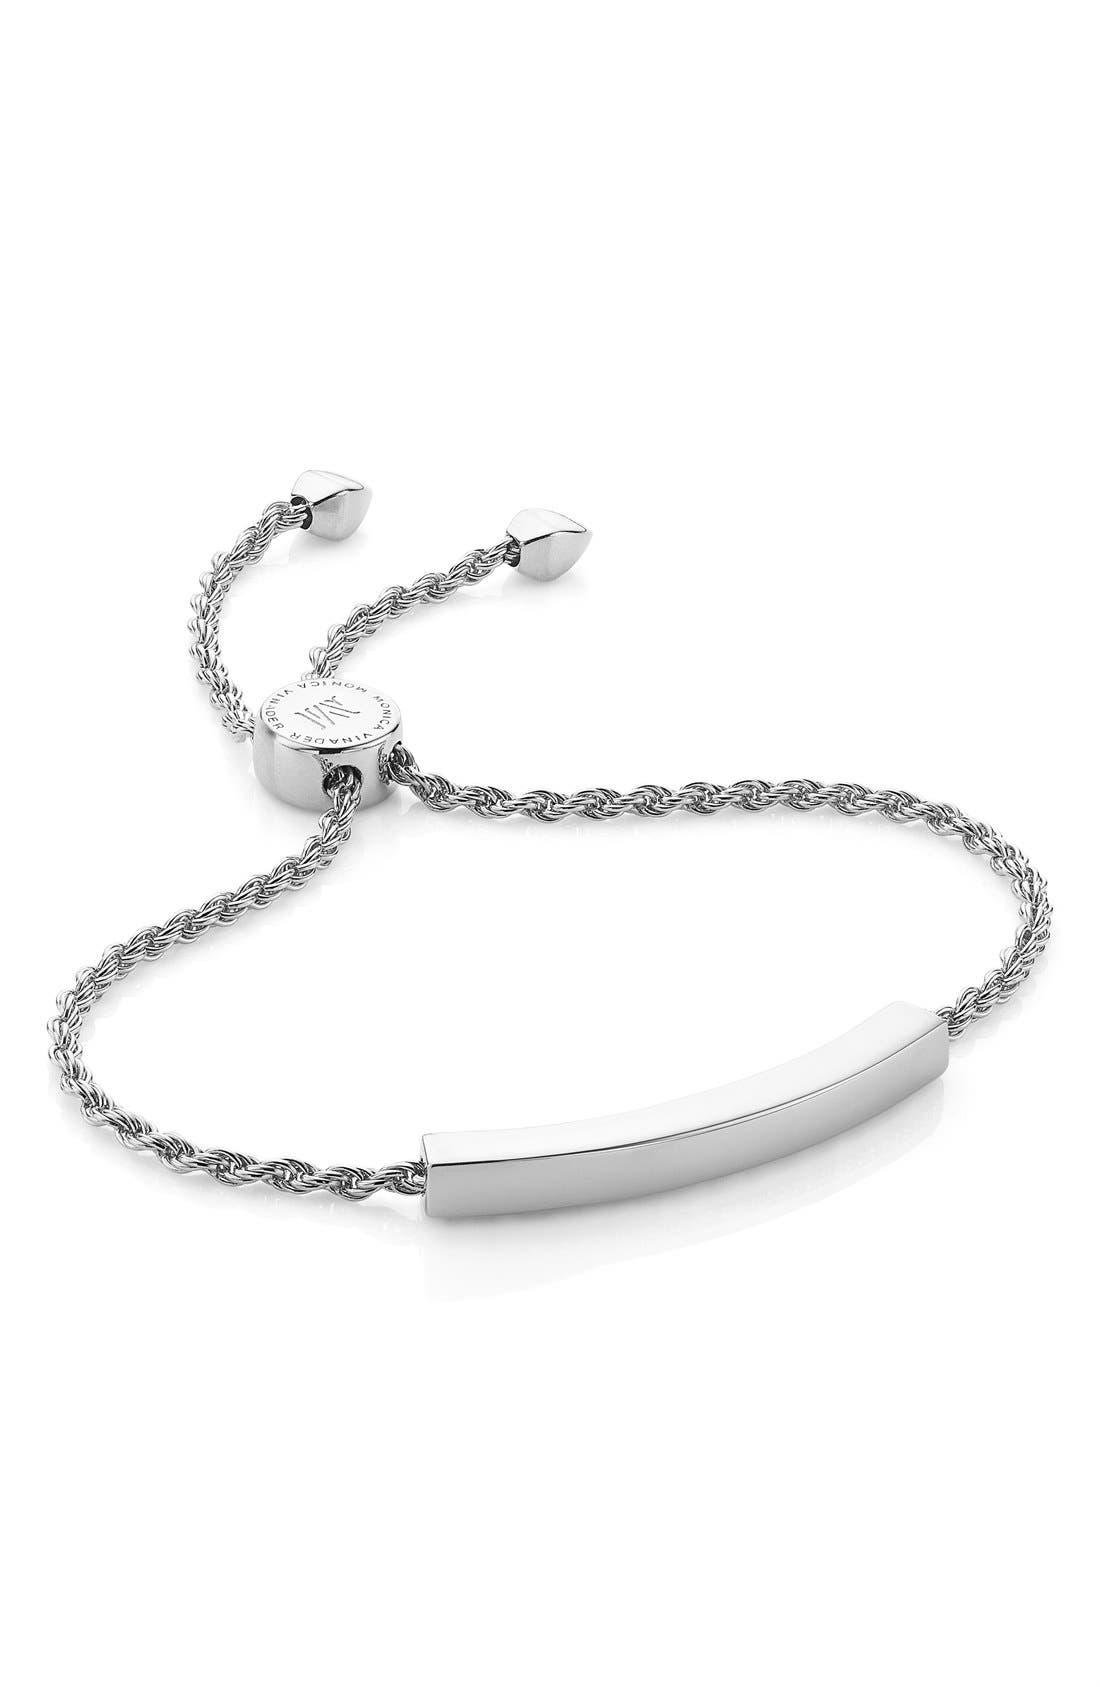 MONICA VINADER, Engravable Linear Friendship Chain Bracelet, Main thumbnail 1, color, SILVER